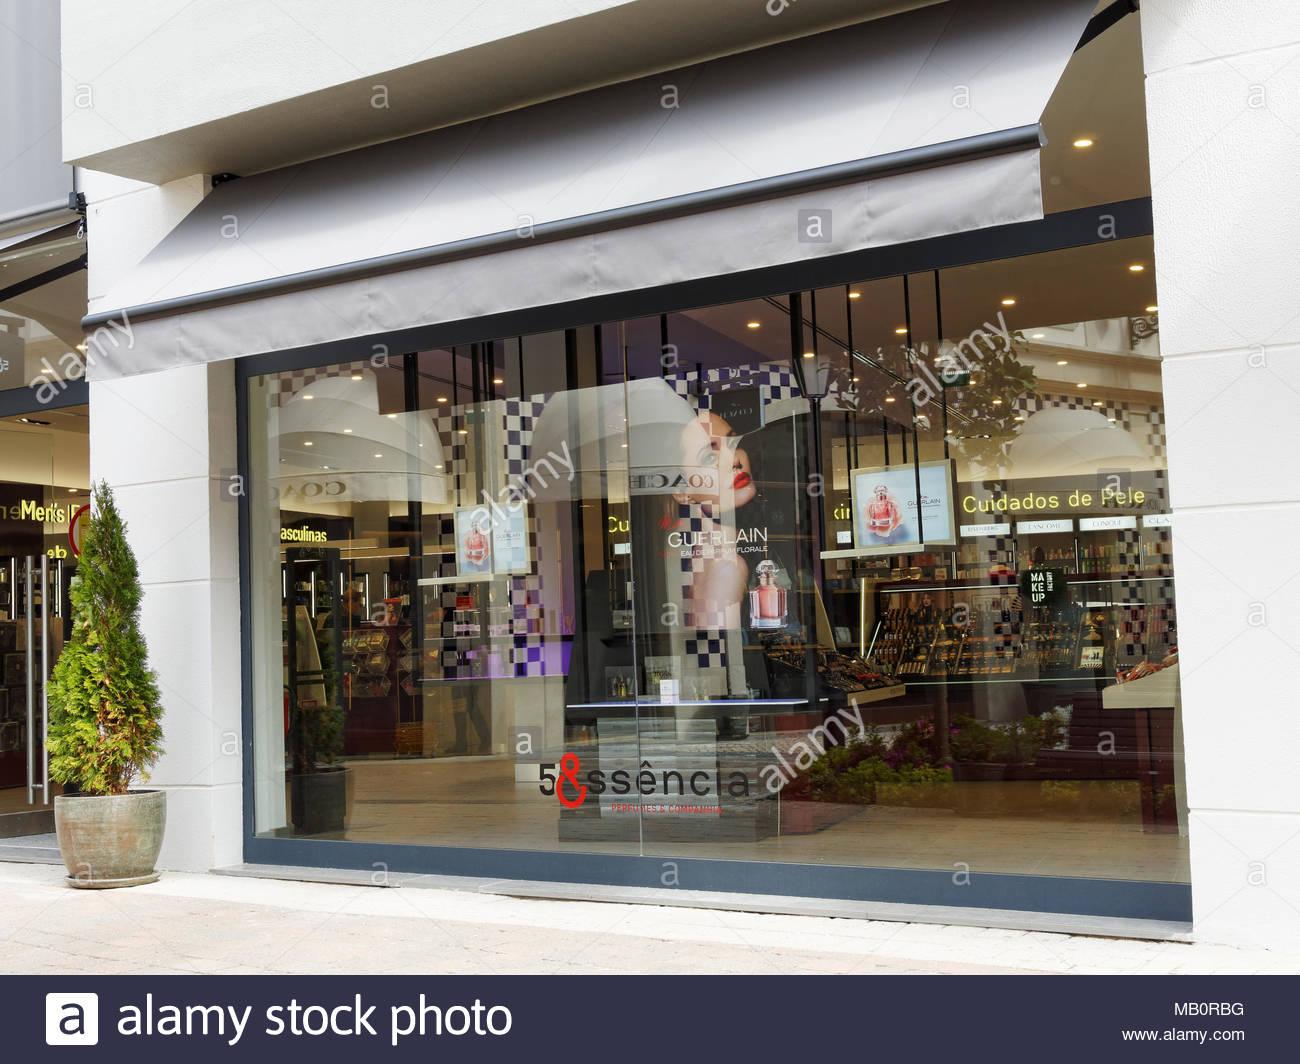 2c7d77617624 Shopfront